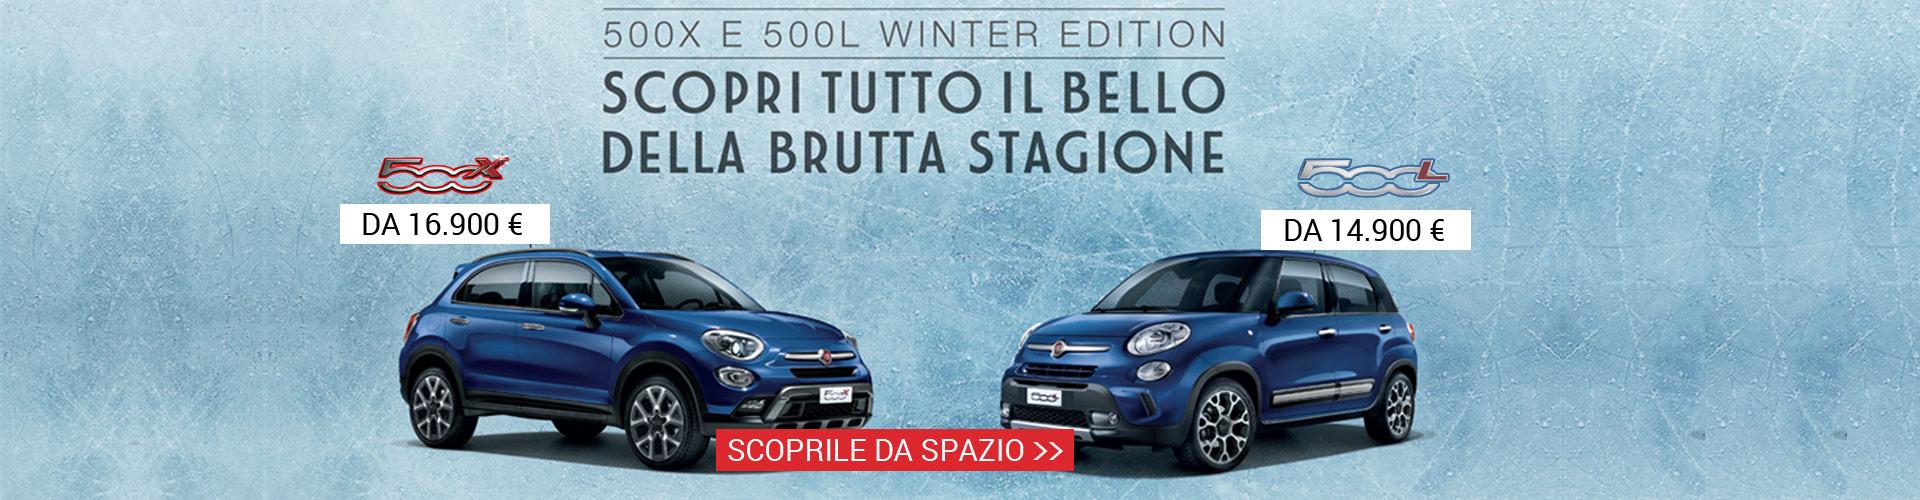 Fiat 500 X 500 L Winter Edition